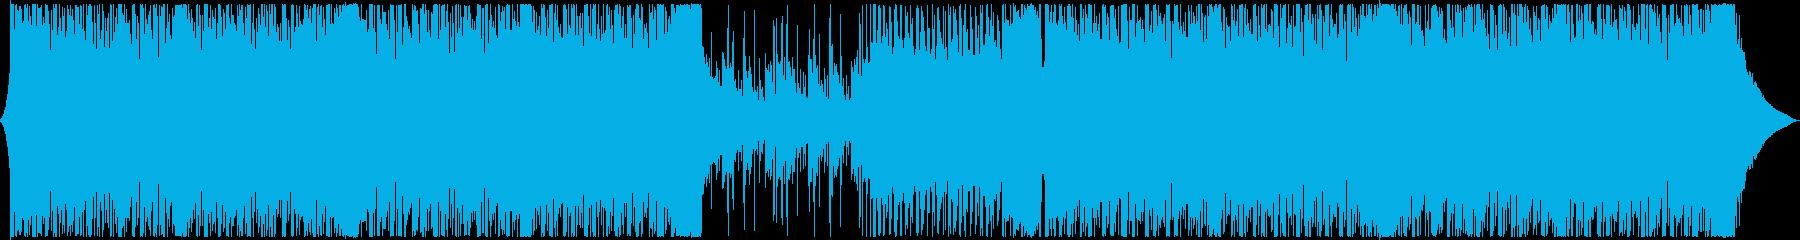 CMやリズムゲームにアップテンポEDMの再生済みの波形